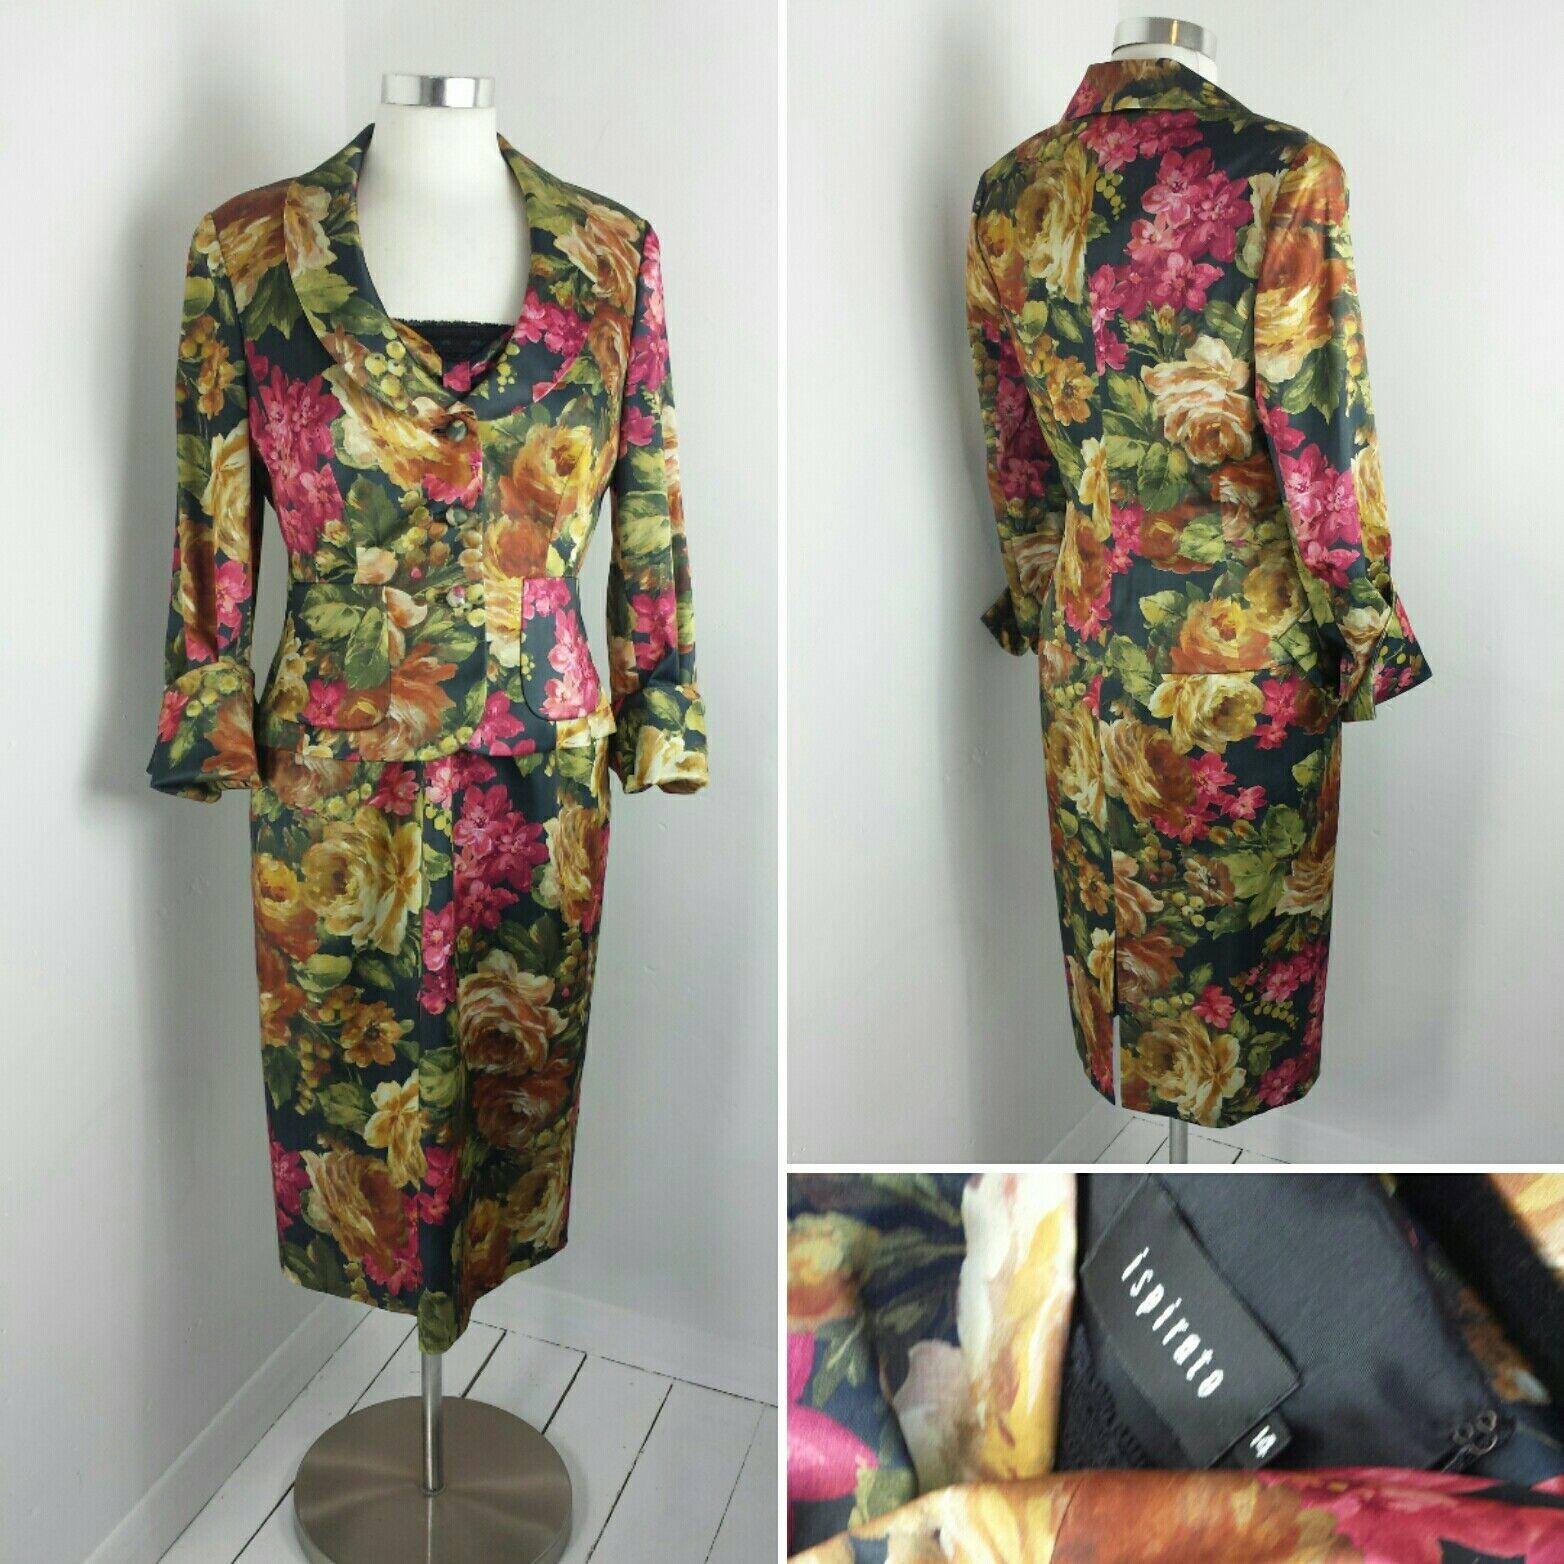 Ispirato mère de la robe de mariée veste costume Courses Motif Fleuri Rose Orange Multi 14